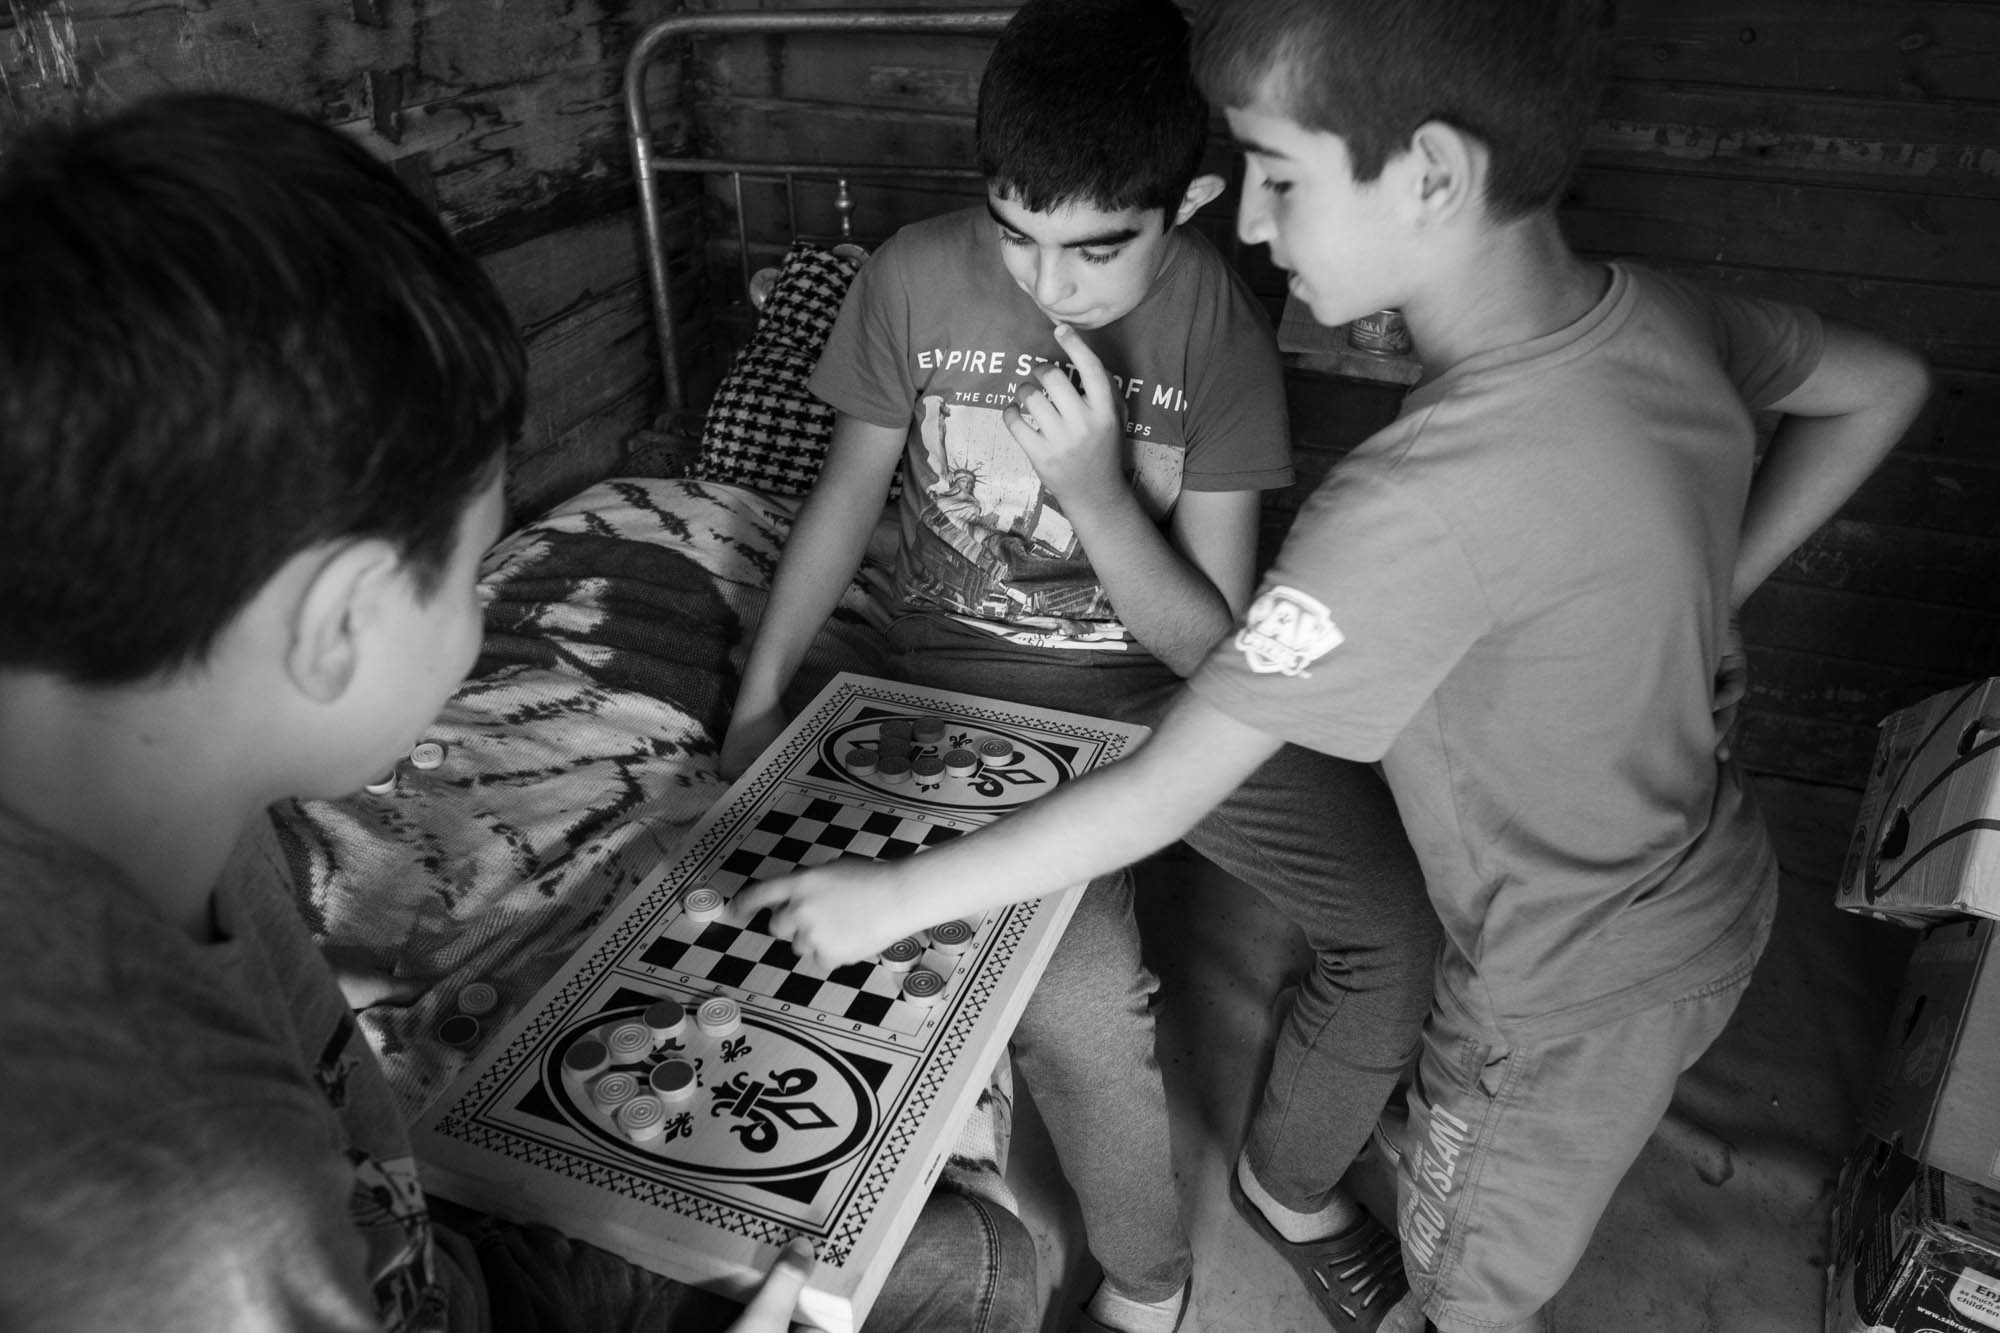 پسران اهل قره باغ در حالی که مادرانشان بیرون از باغ سیب در باغی نزدیک ایروان کار می کنند ، چکر بازی می کنند.  (عکس: وینسلو مارتین)